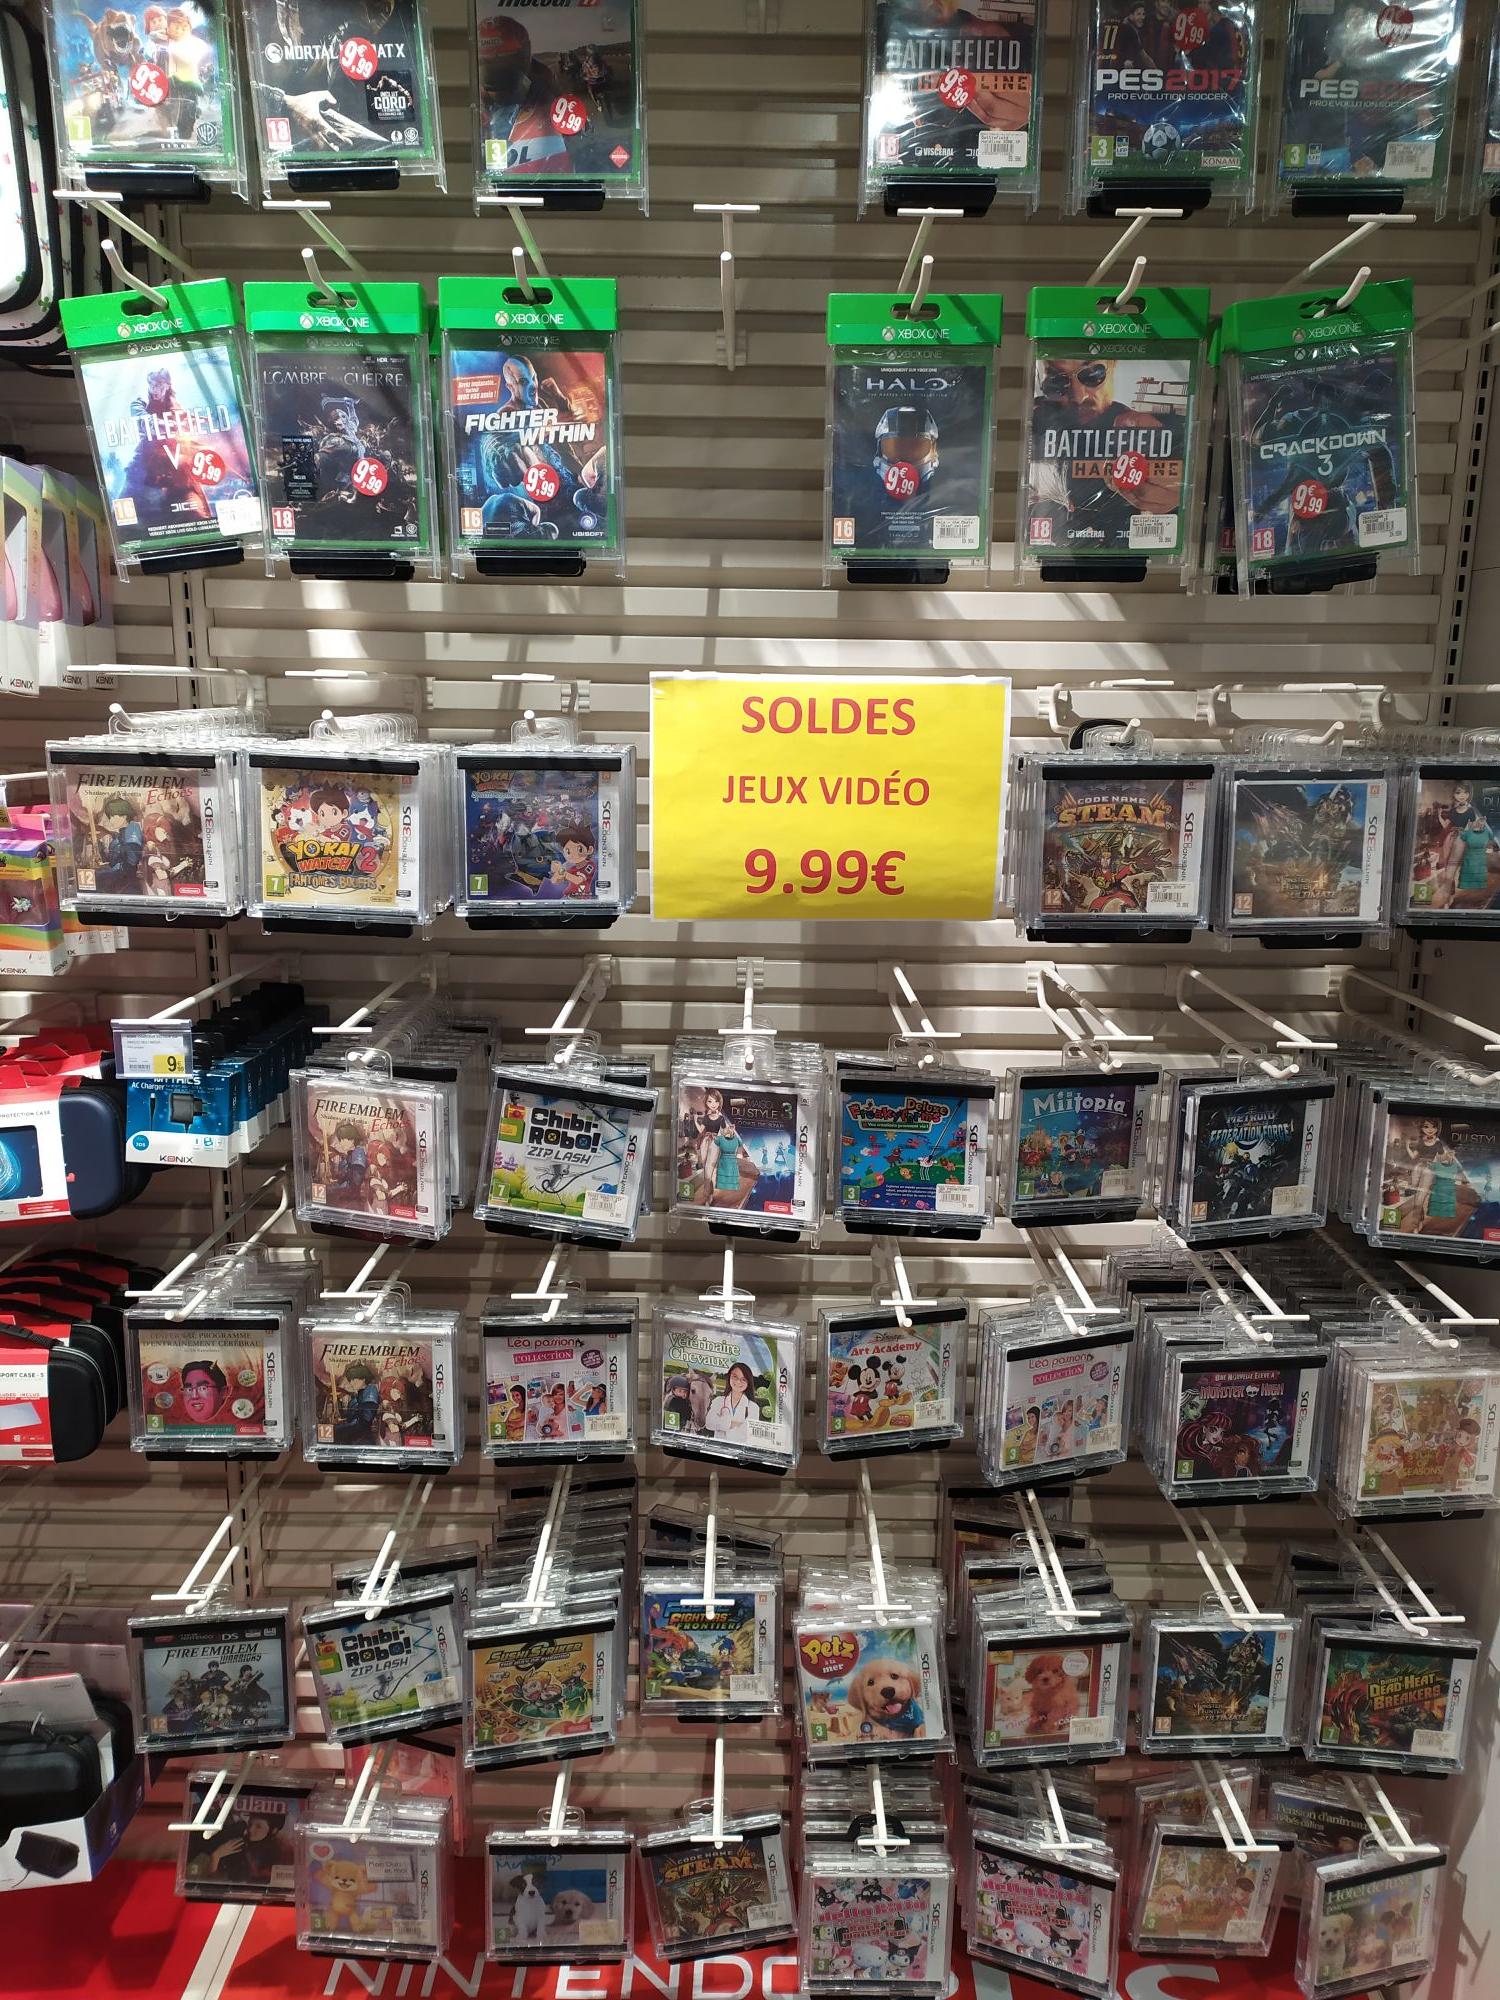 Large sélection de jeux vidéos à 9.99€ sur Xbox One & Nintendo 3DS - Vitry-sur-Seine (94)